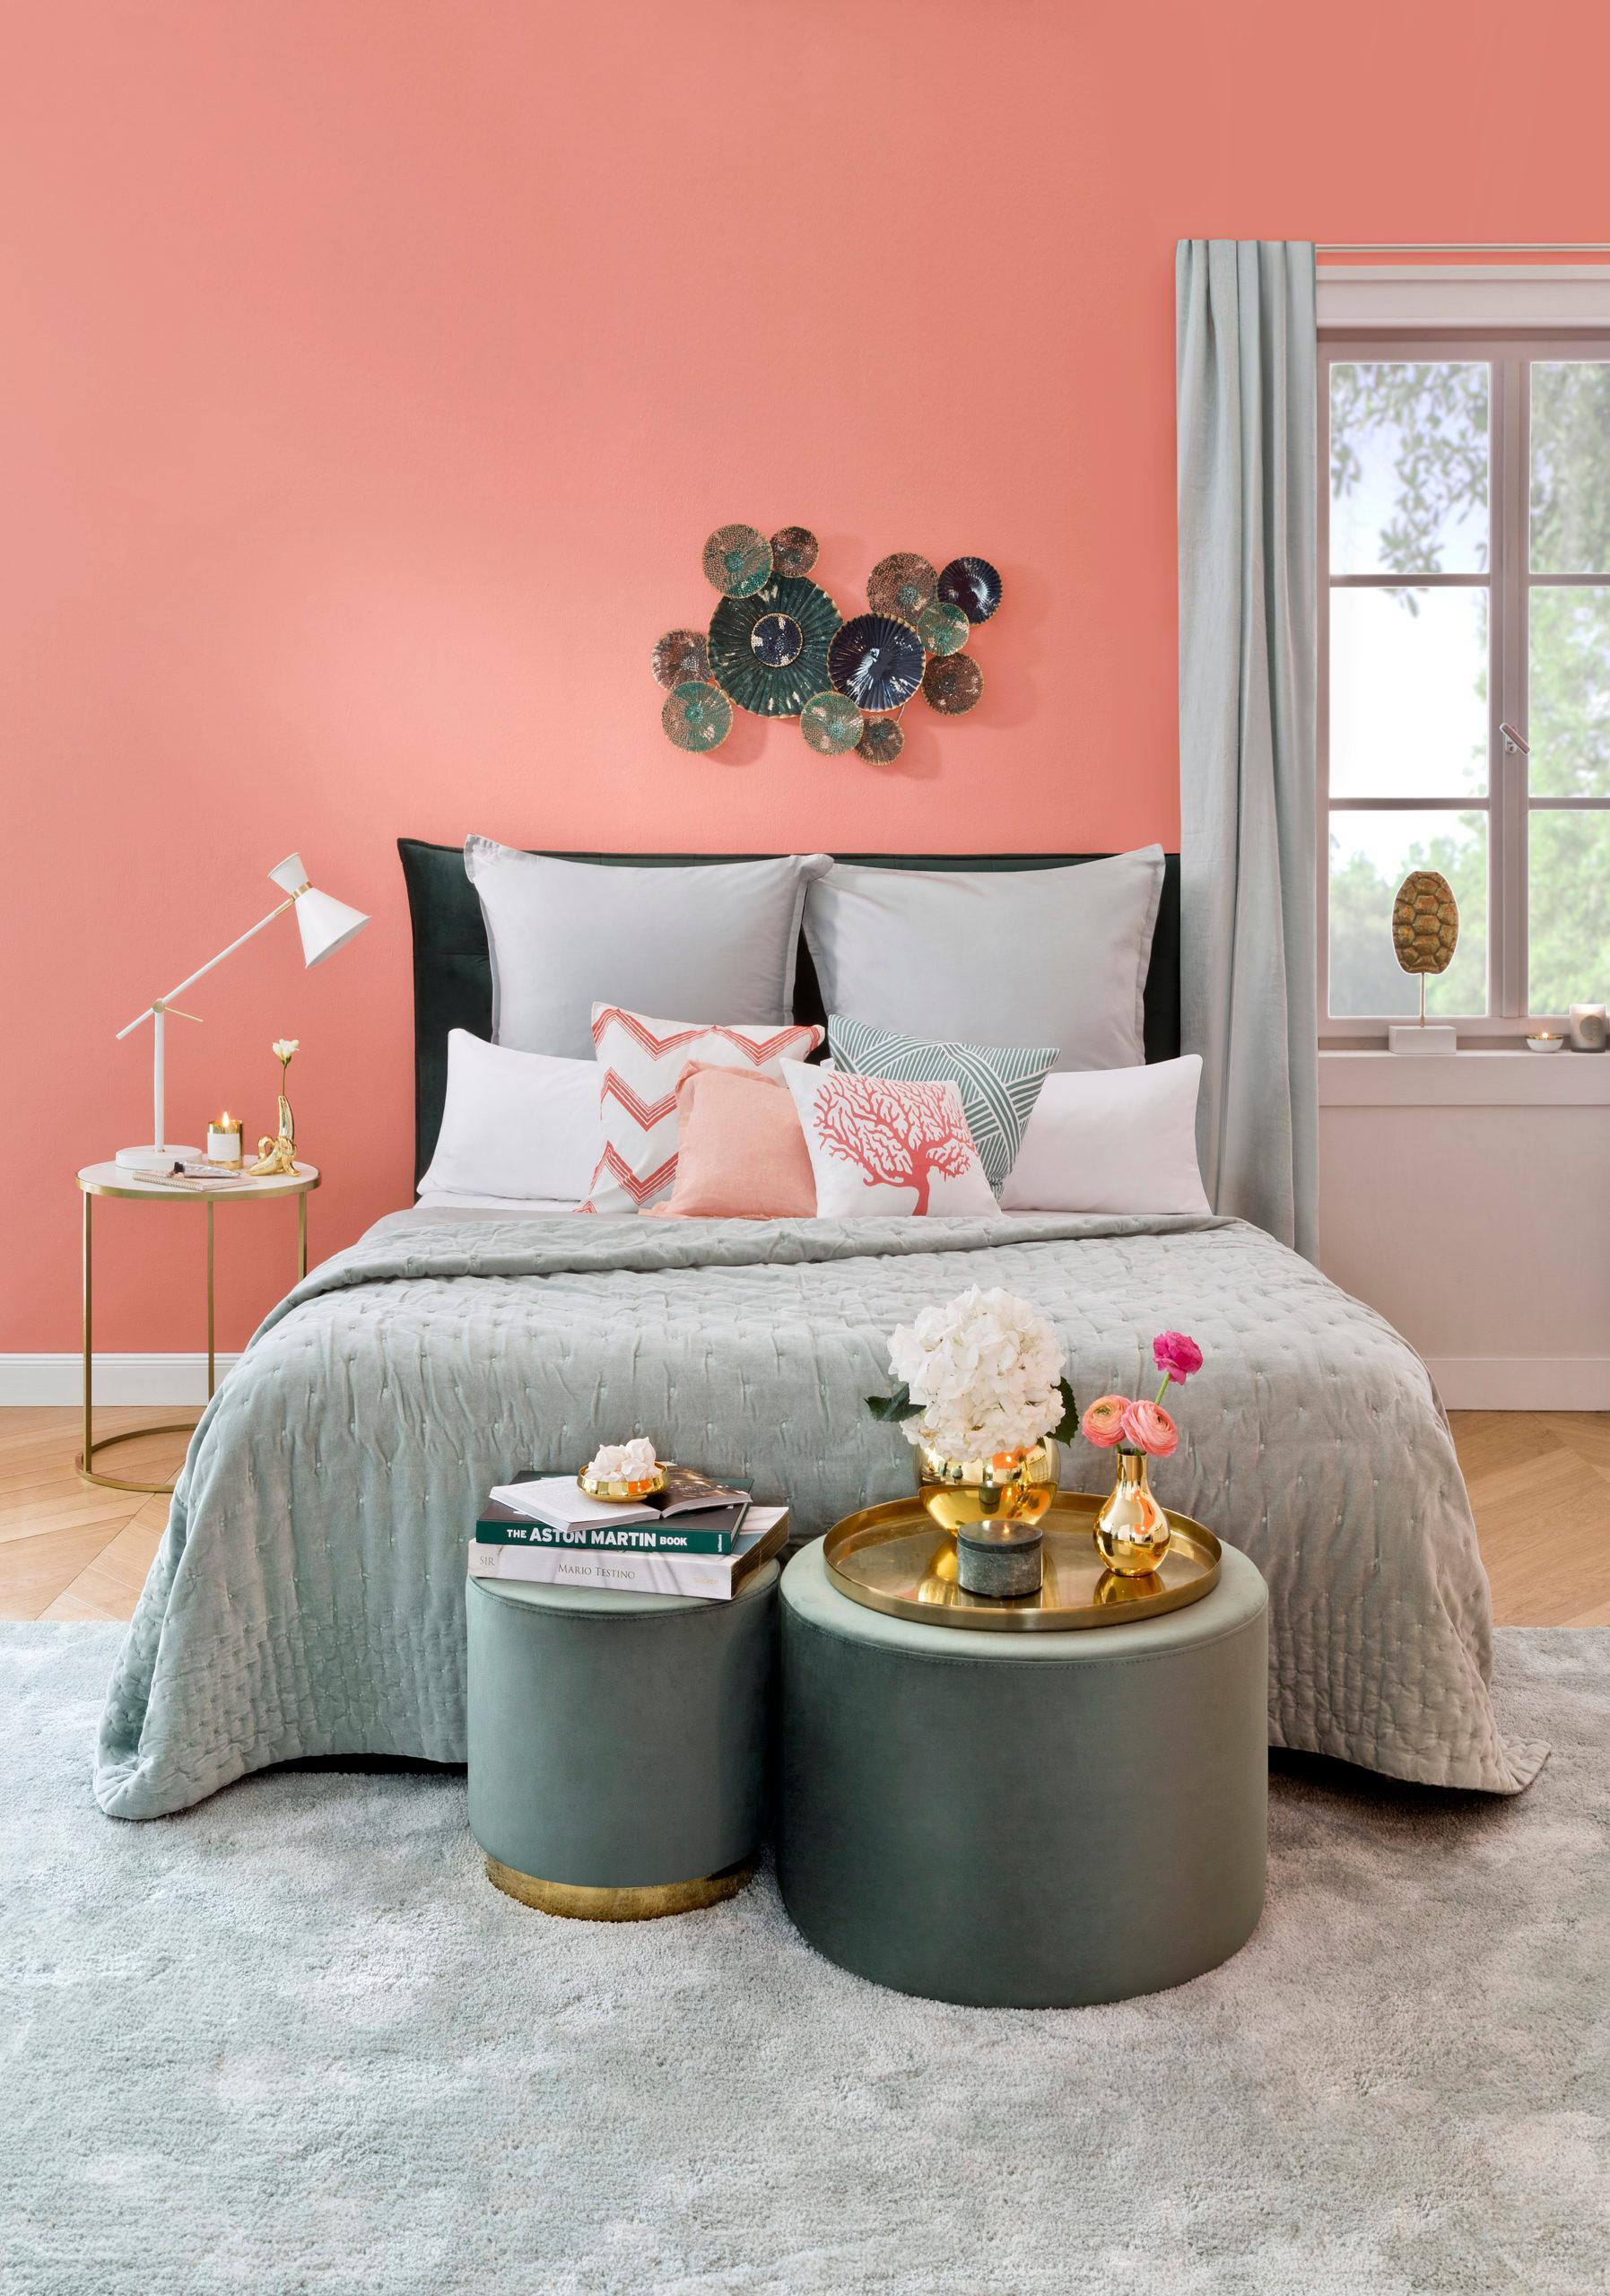 Sypialnia z brzoskwiniowymi ścianami i dodatkami takimi jak pufy i kapa w szałwiowej zieleni